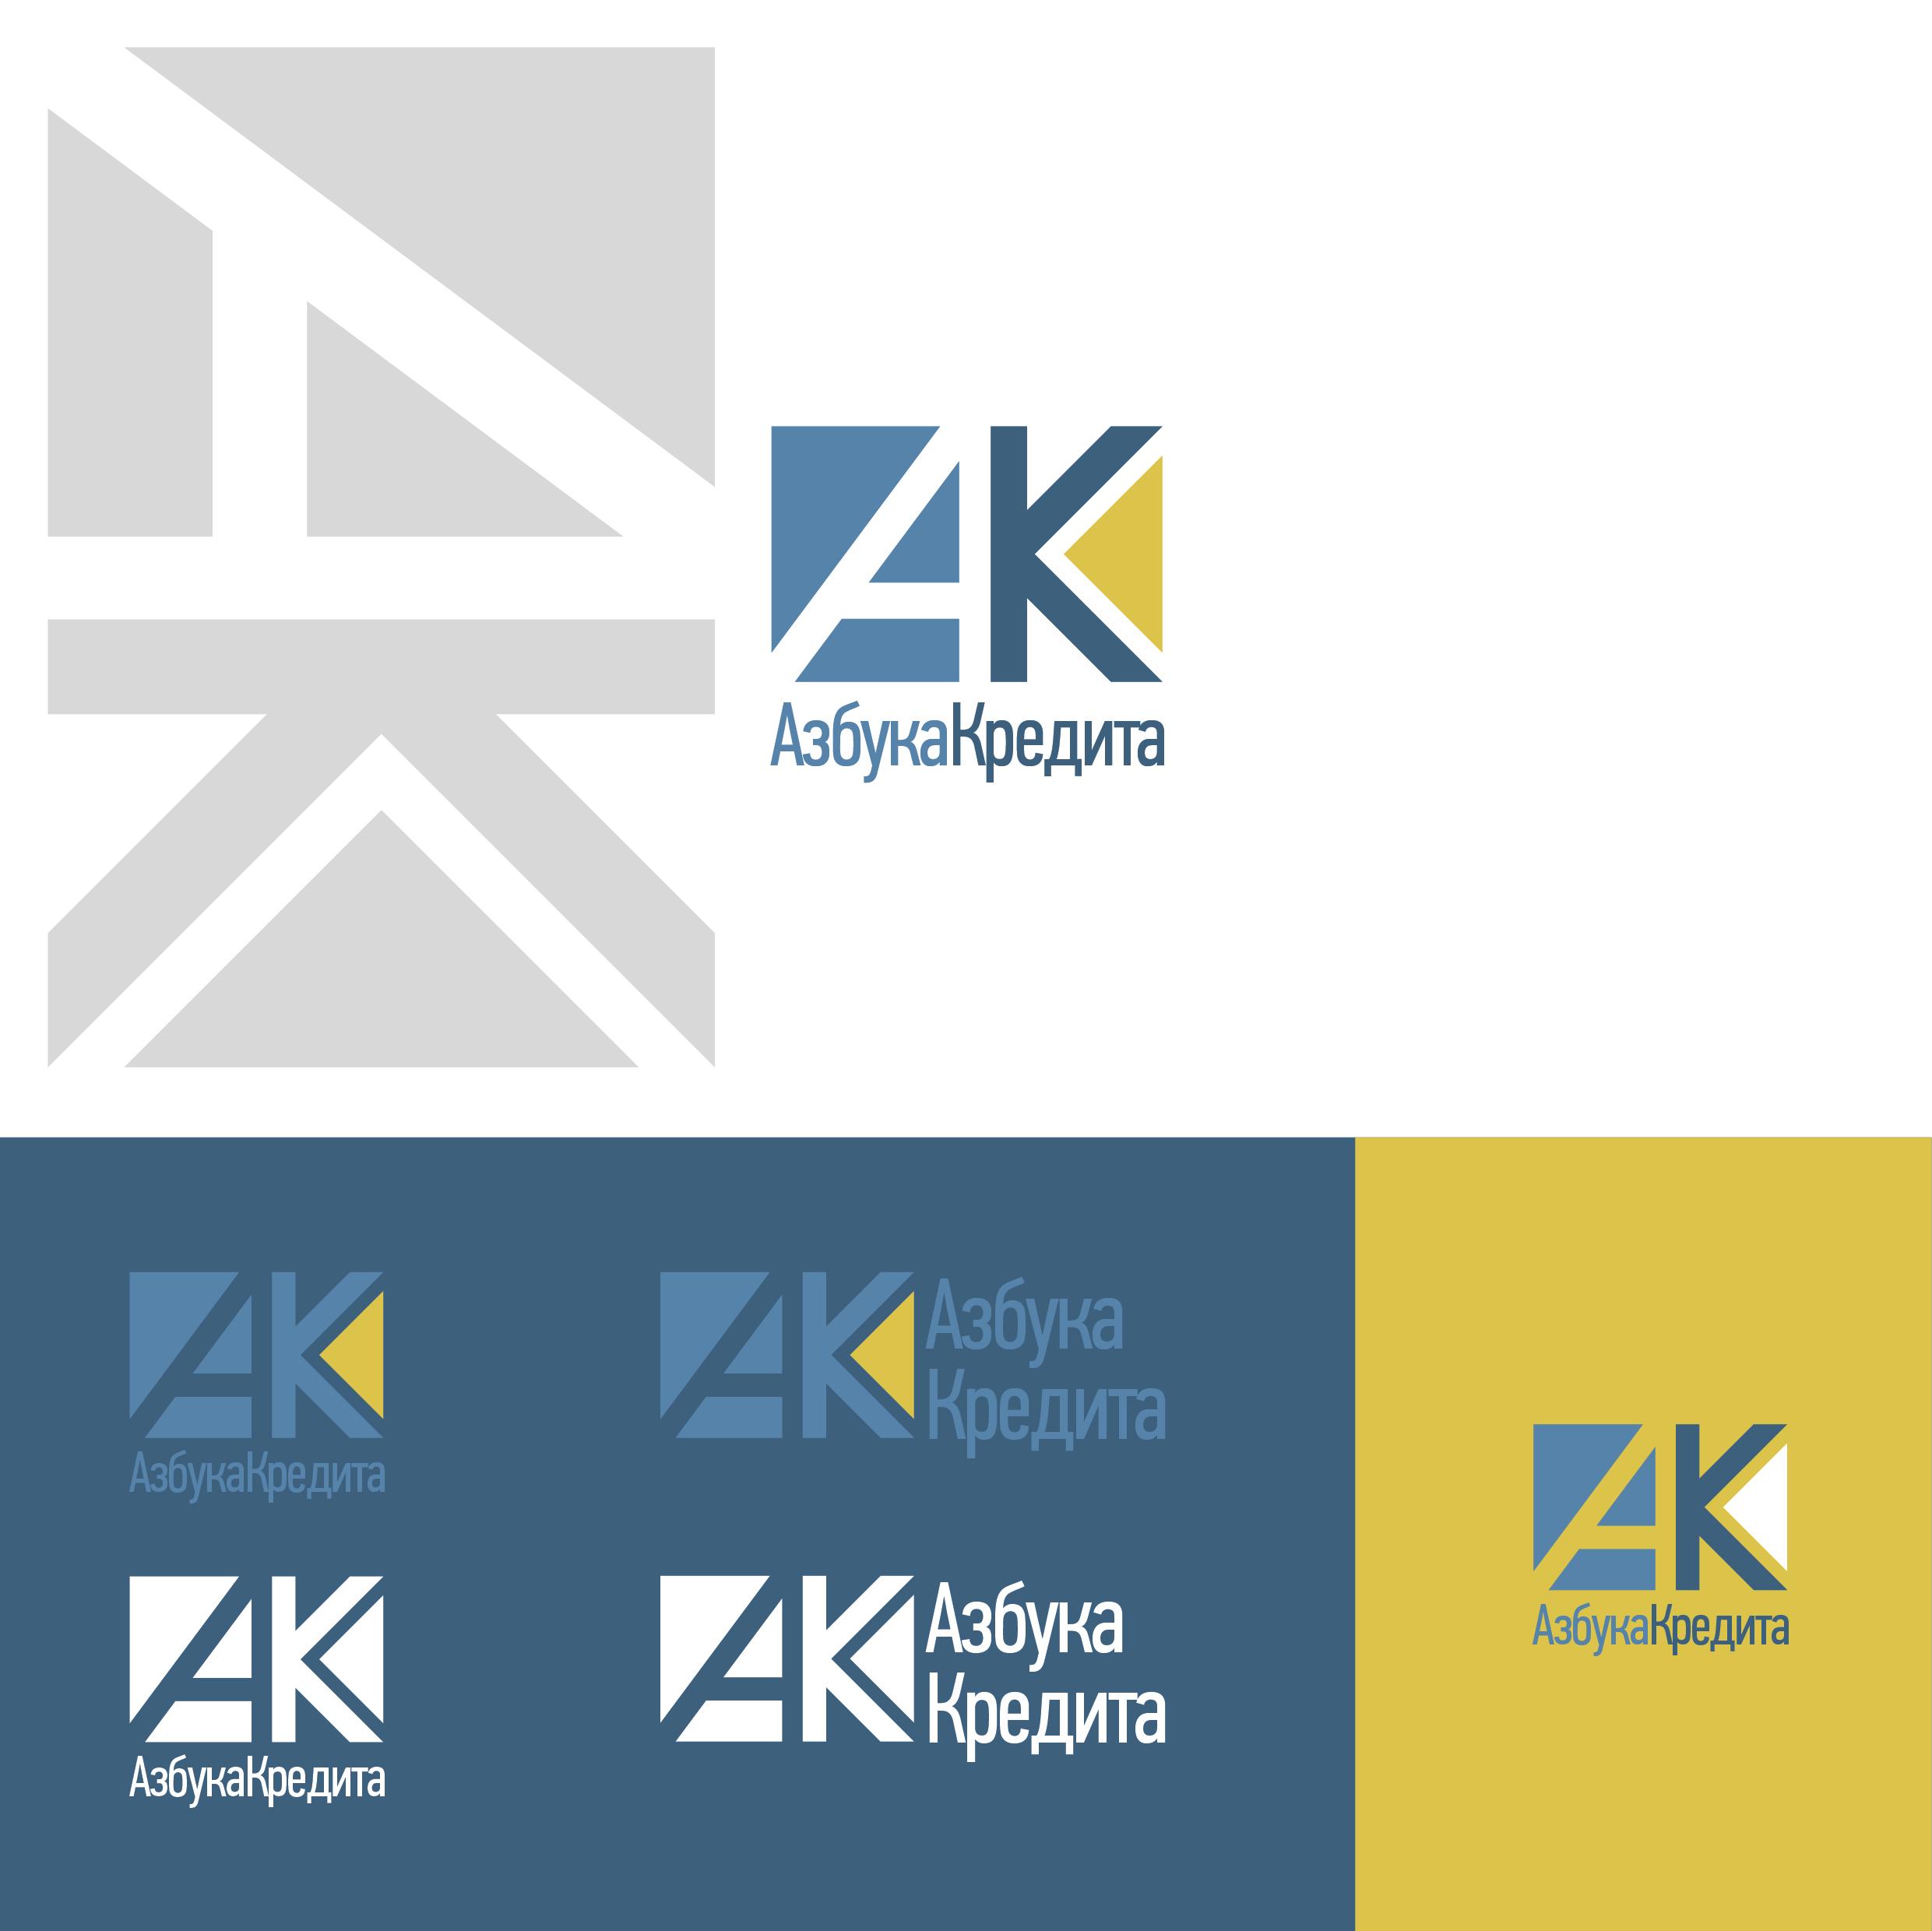 Разработать логотип для финансовой компании фото f_3865de925de48096.jpg